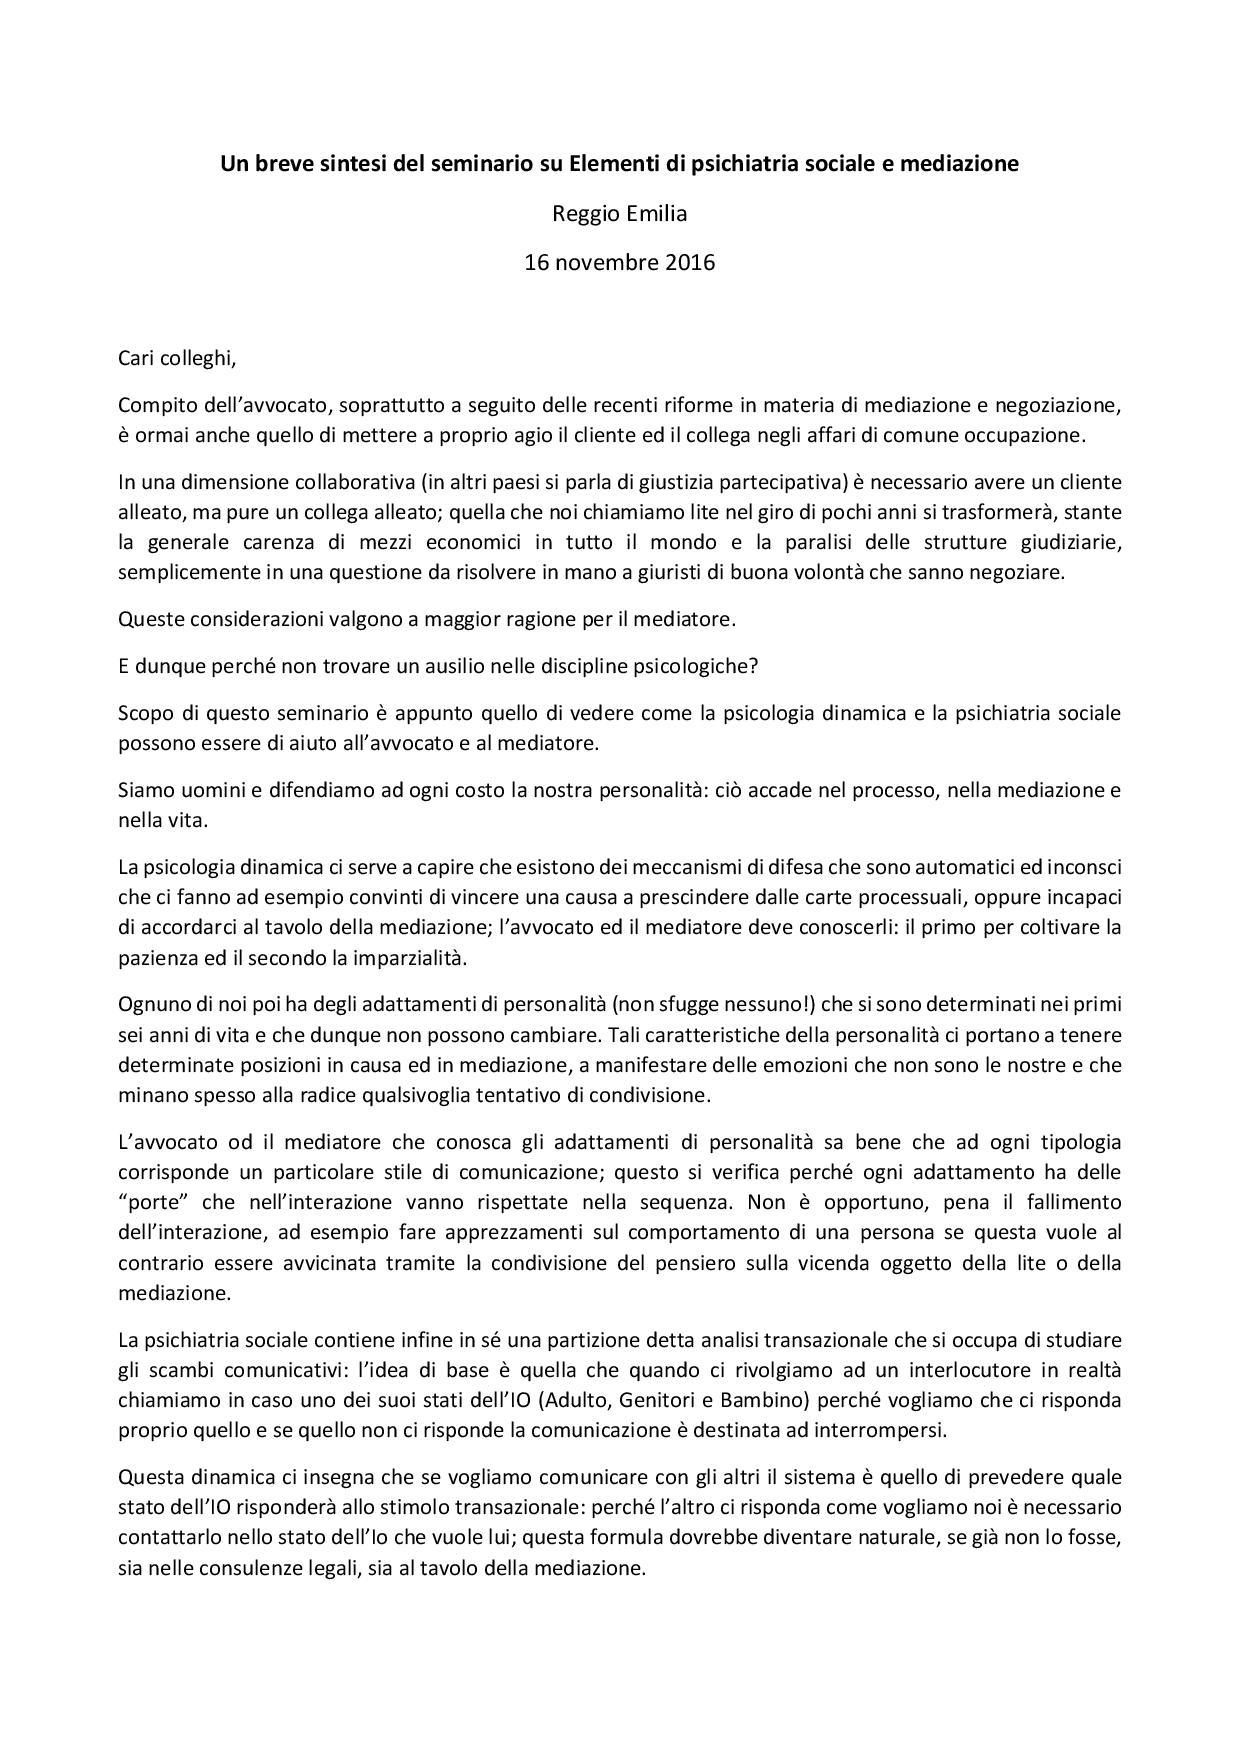 Mediazione e discipline psicologiche un seminario a Reggio Emilia tieniinmanolaluce